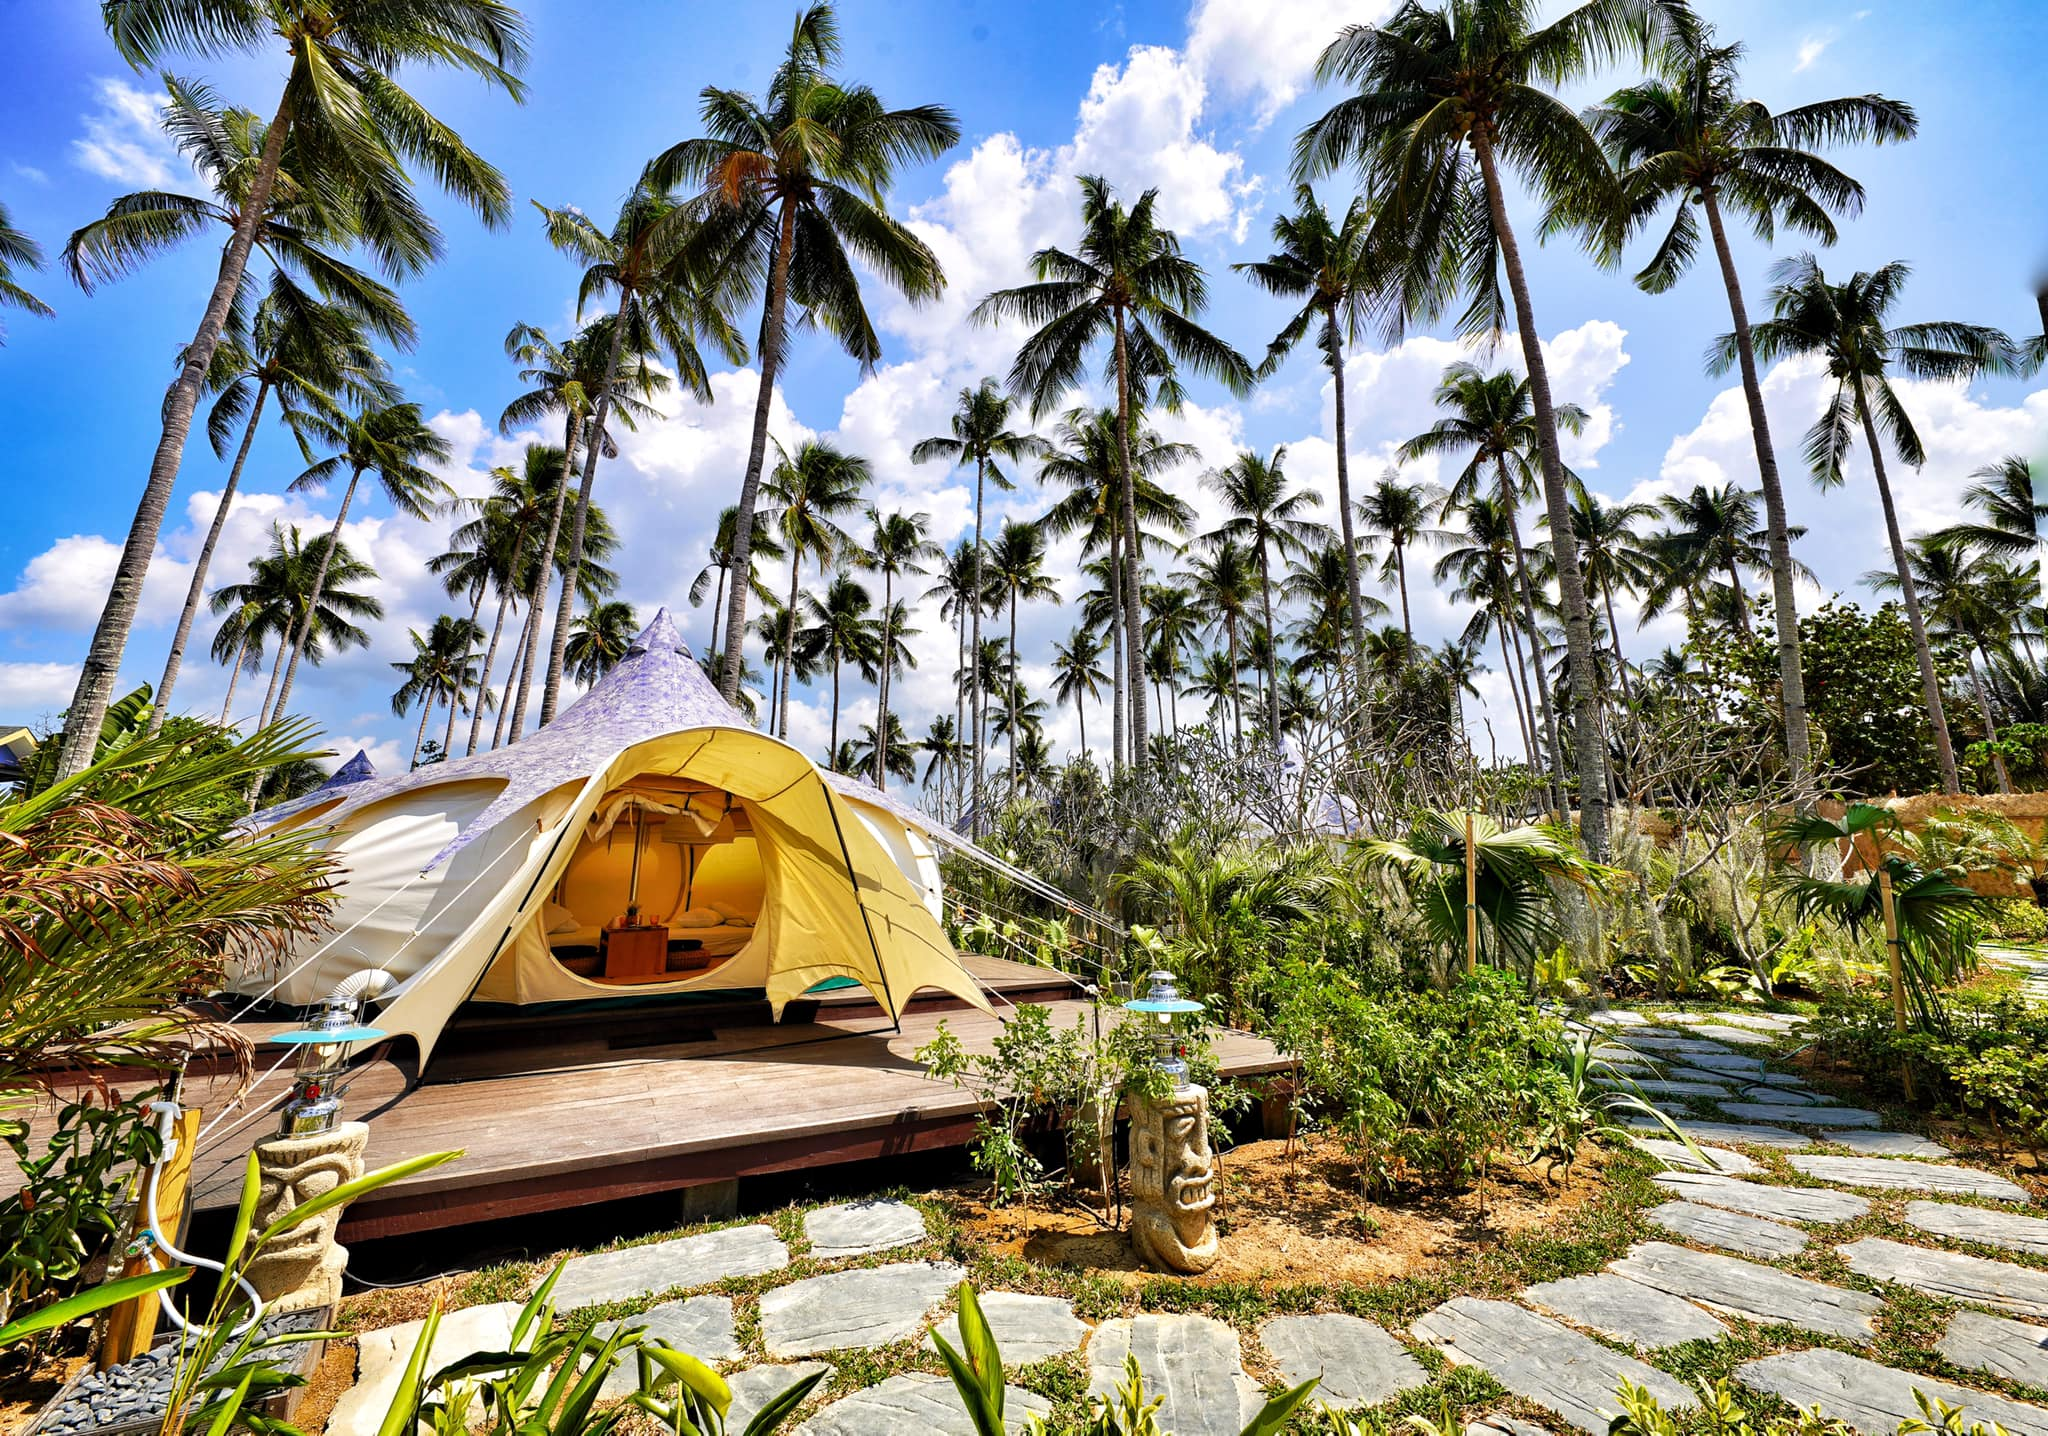 2020愛妮島住宿排行榜- 特色風格住宿